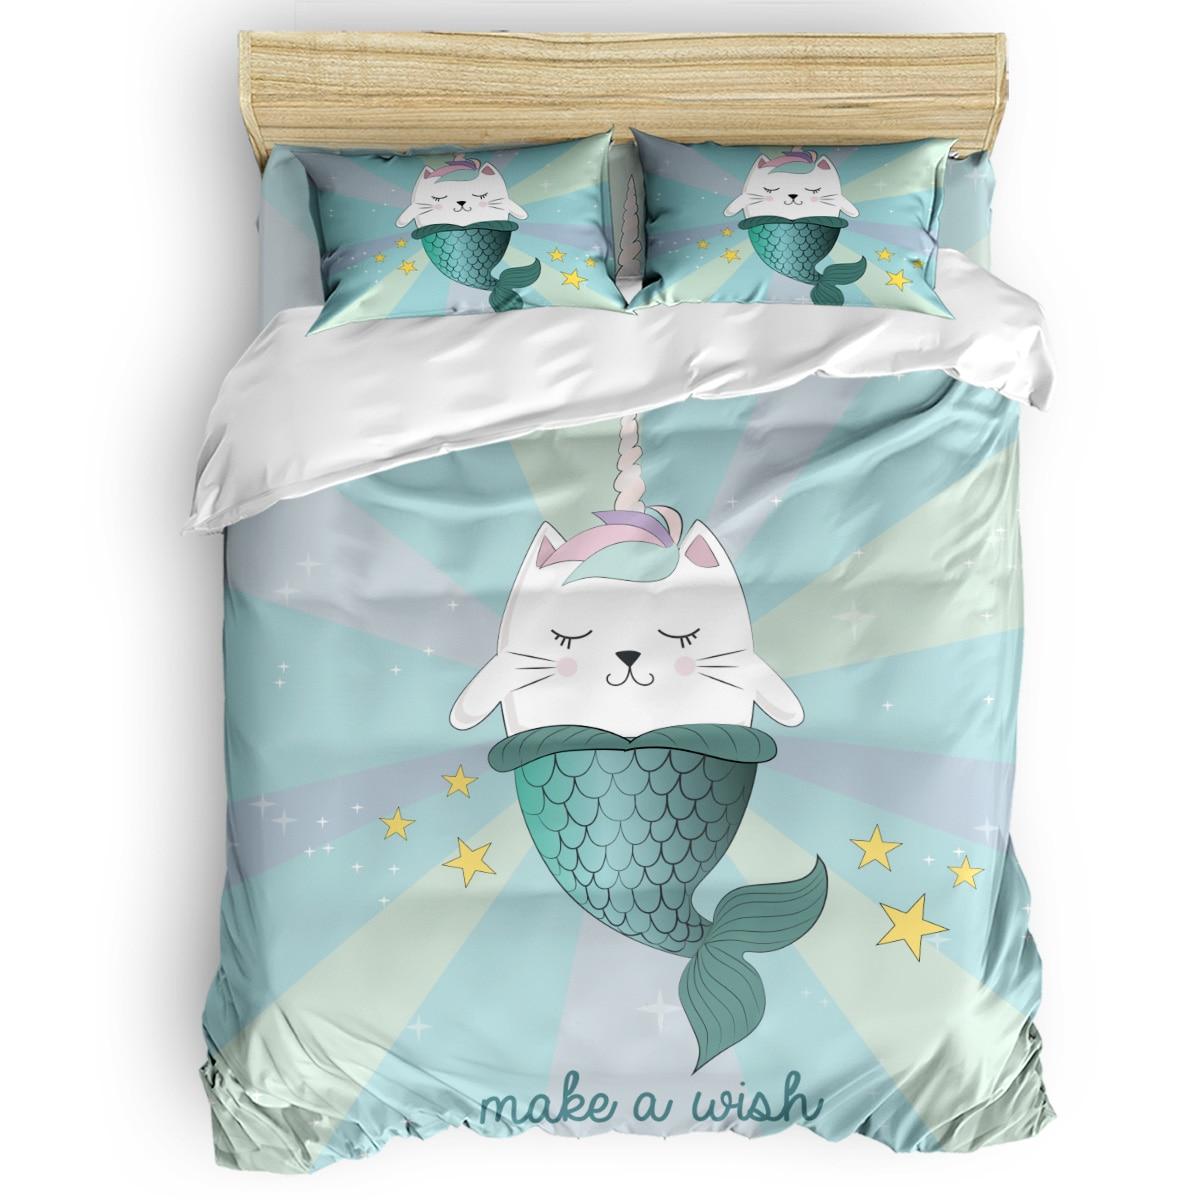 Набор пододеяльников с рисунком кошки русалки единорога 2/3/4 шт. Комплект постельного белья простыня наволочки